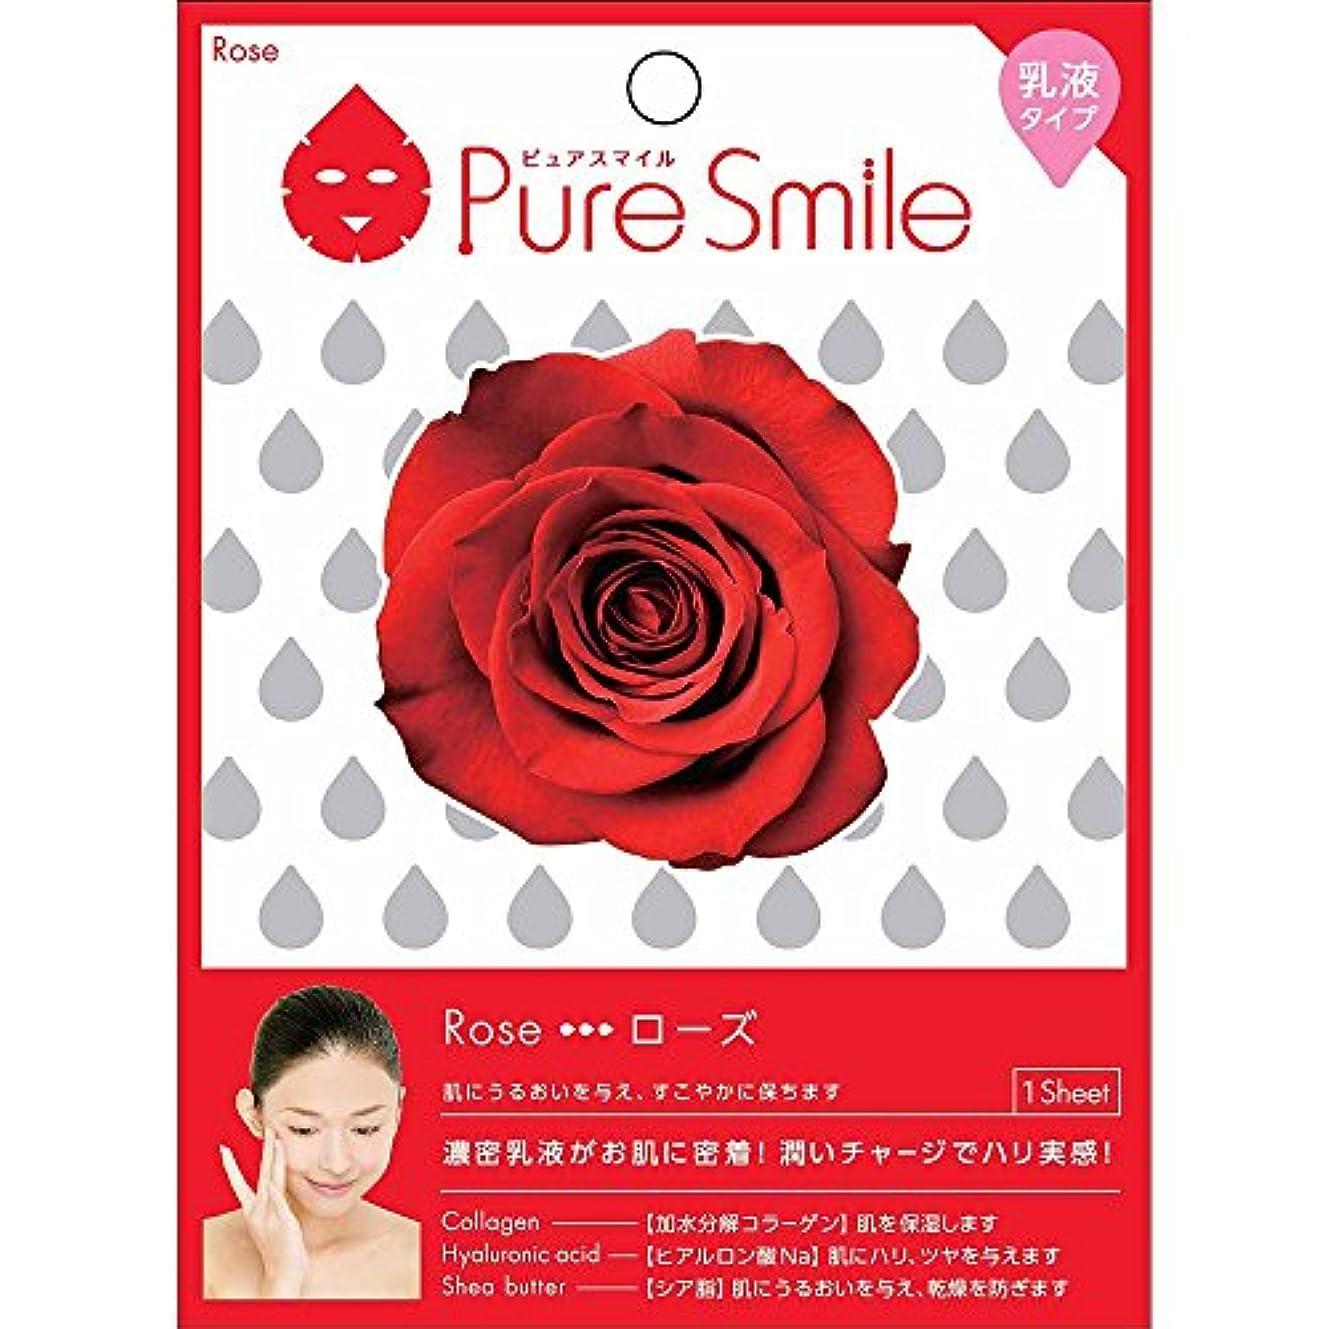 ルート植物学植生Pure Smile(ピュアスマイル) 乳液エッセンスマスク 1 枚 ローズ